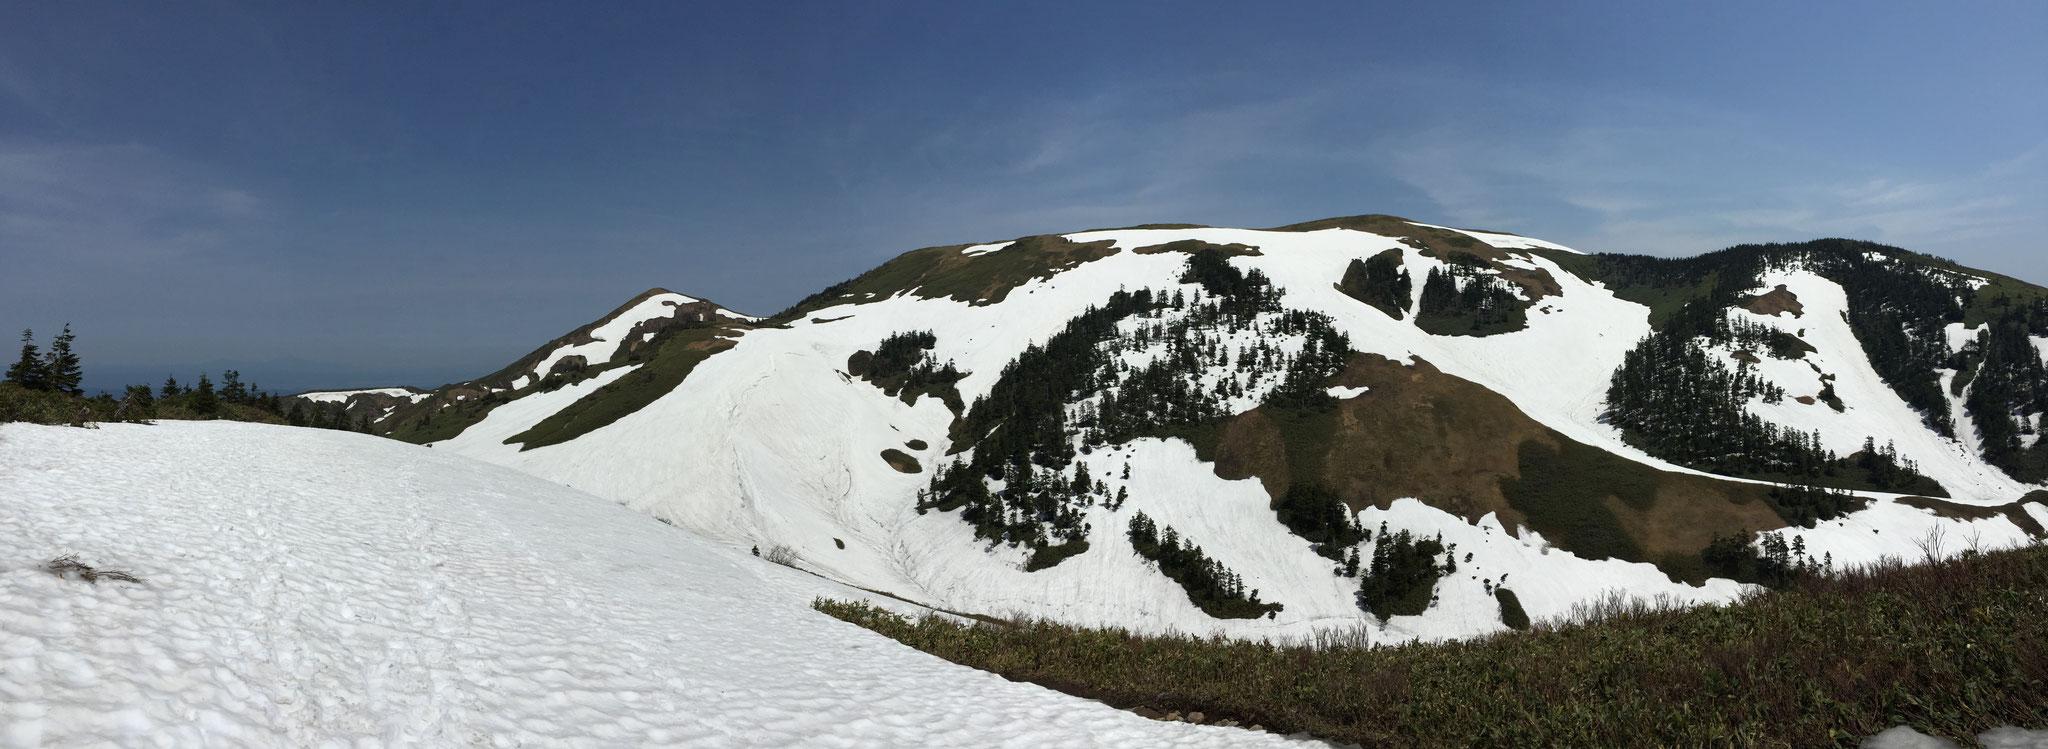 巻機山山頂を九合目付近から望む。初夏。